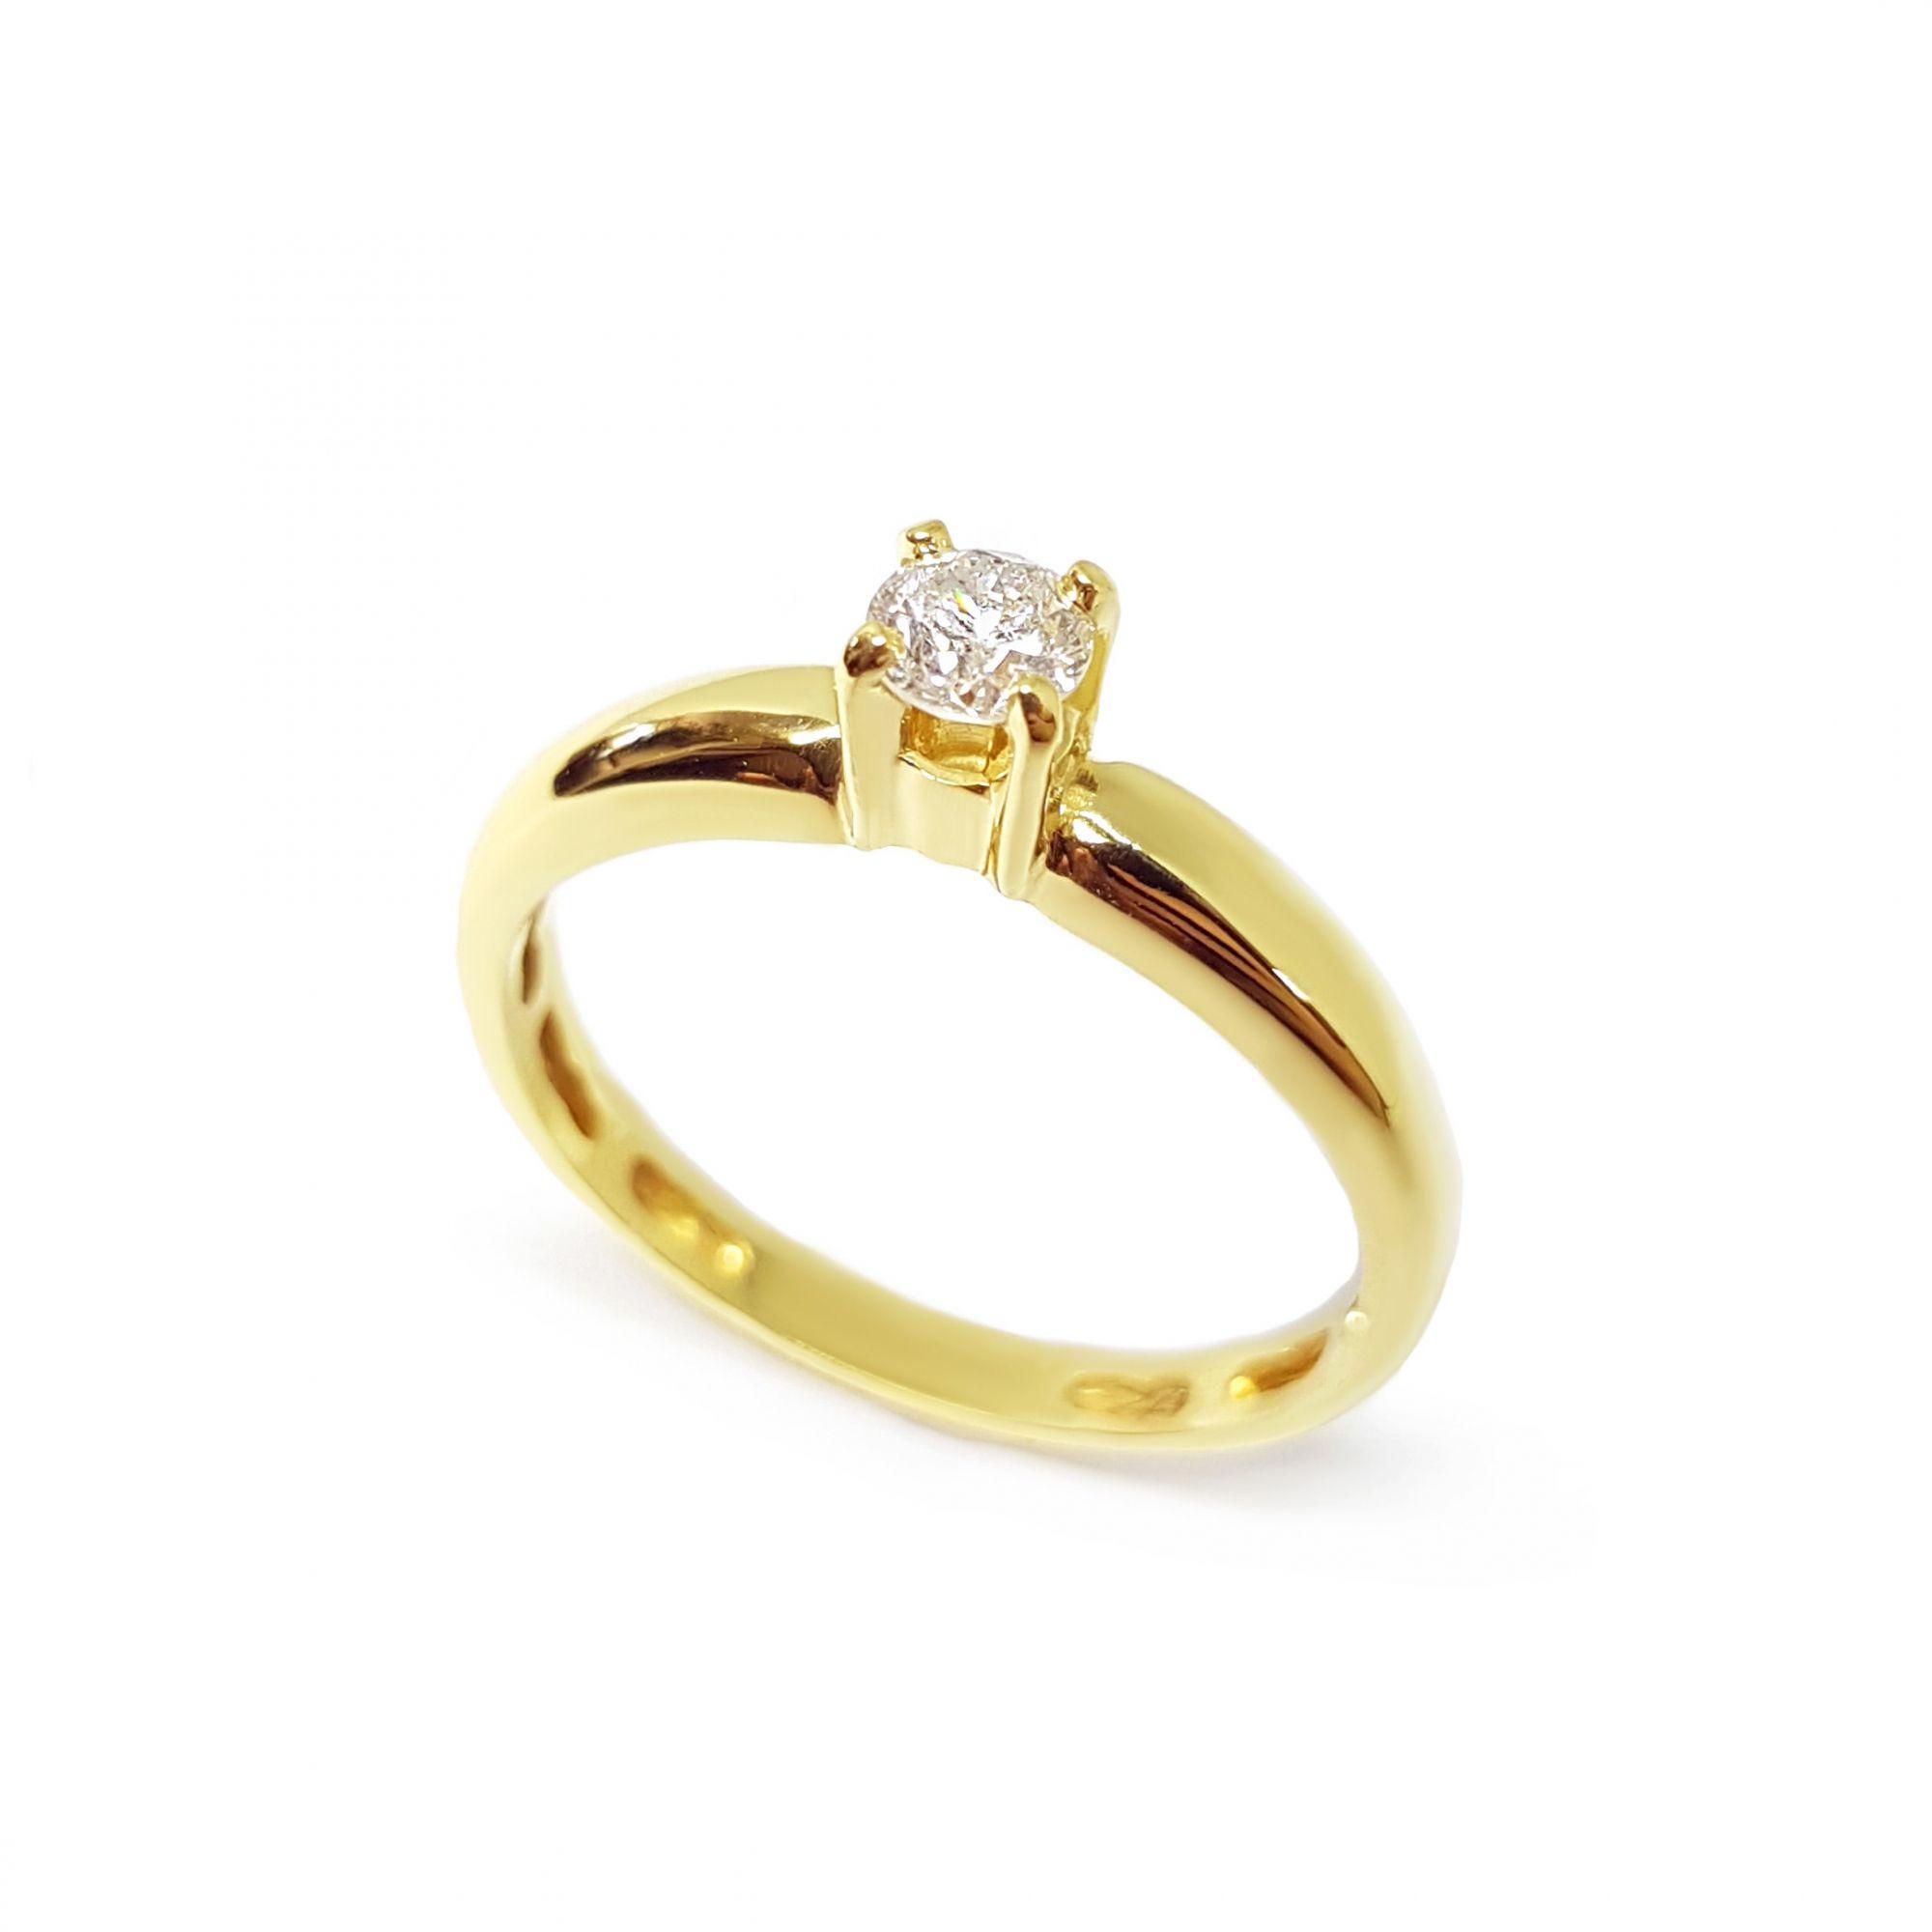 40111d1392e Anel Solitário Ouro 18k com Diamante de 28 pontos - YVES